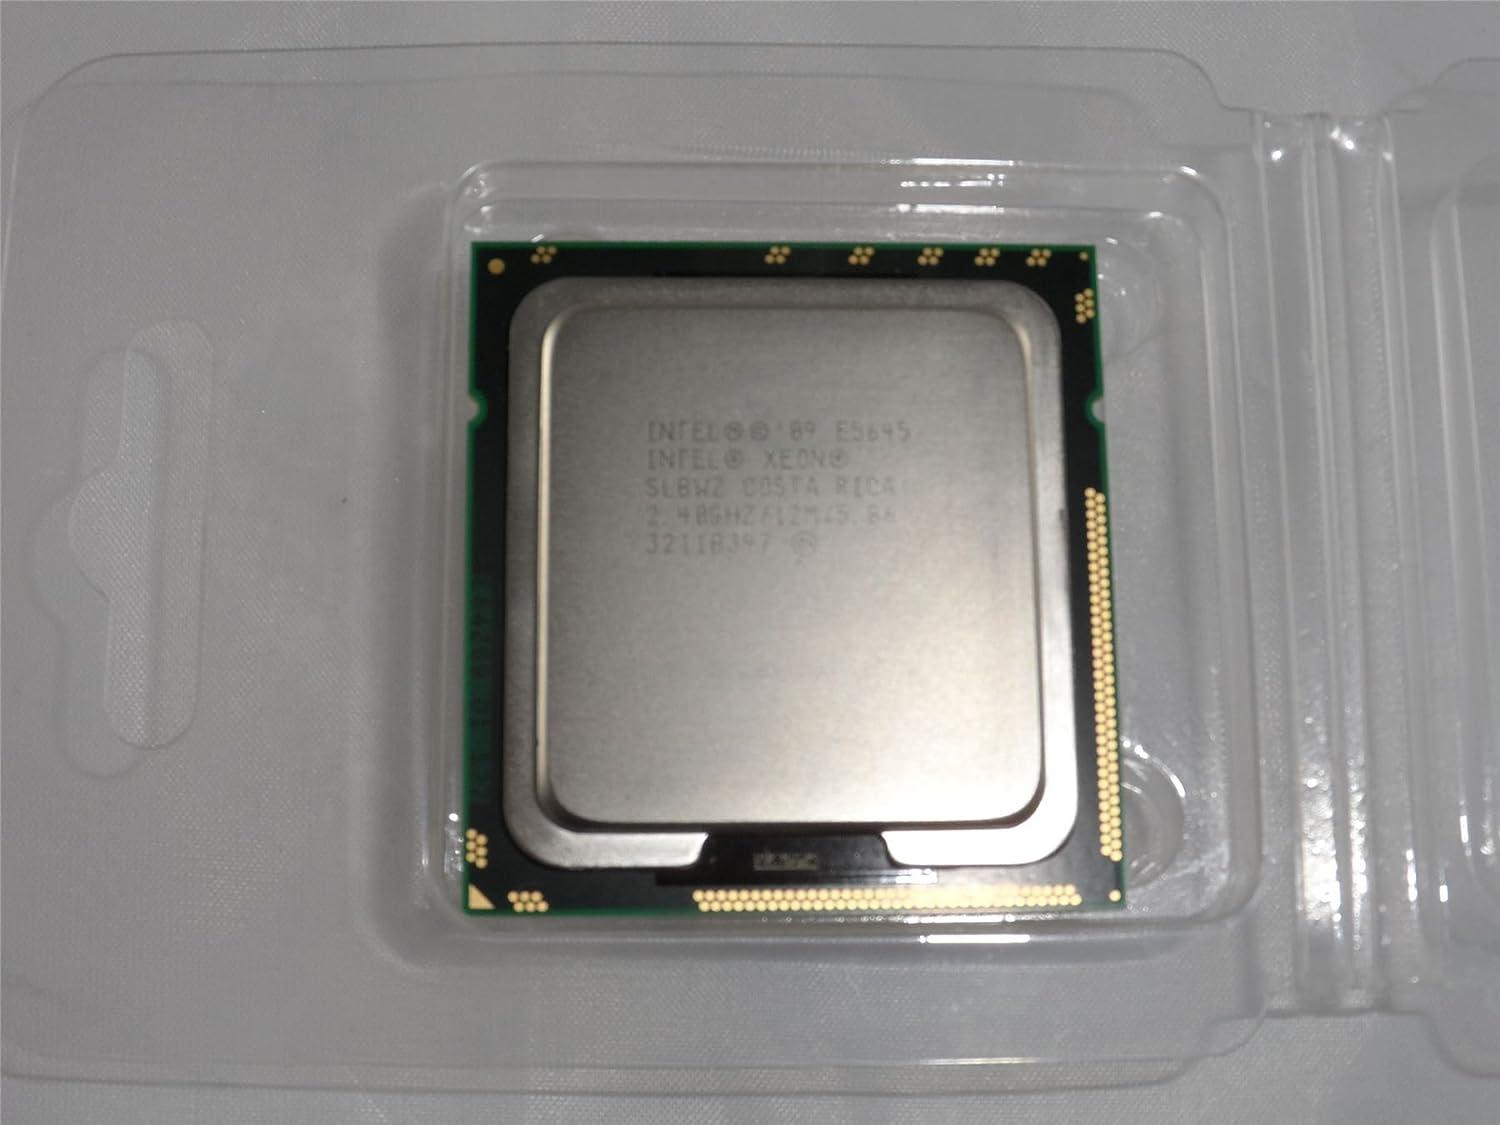 BX80614E5645 New Bulk Intel Xeon Processor E5645 12M Cache, 2.40 GHz, 5.86 GT//s Intel QPI